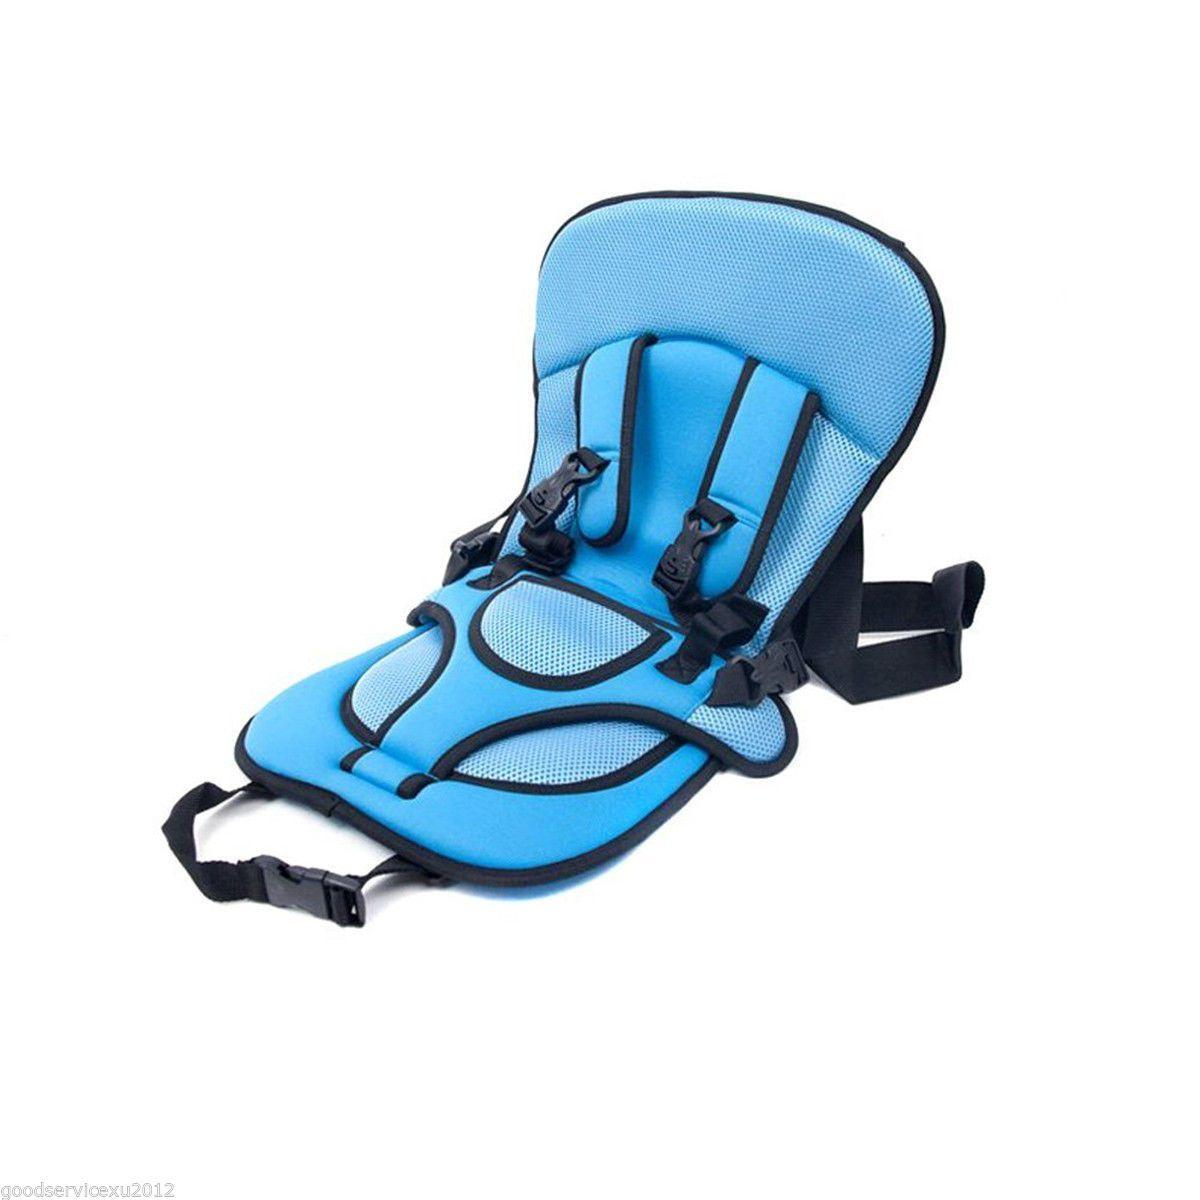 9753b2584d Protable Bambino Infantile Seggiolino Per Auto Seggiolino Sicuro Carrier  Sedia Per Bambini Regolabile Auto Safe Cuscino Telo Booster Seat Cover